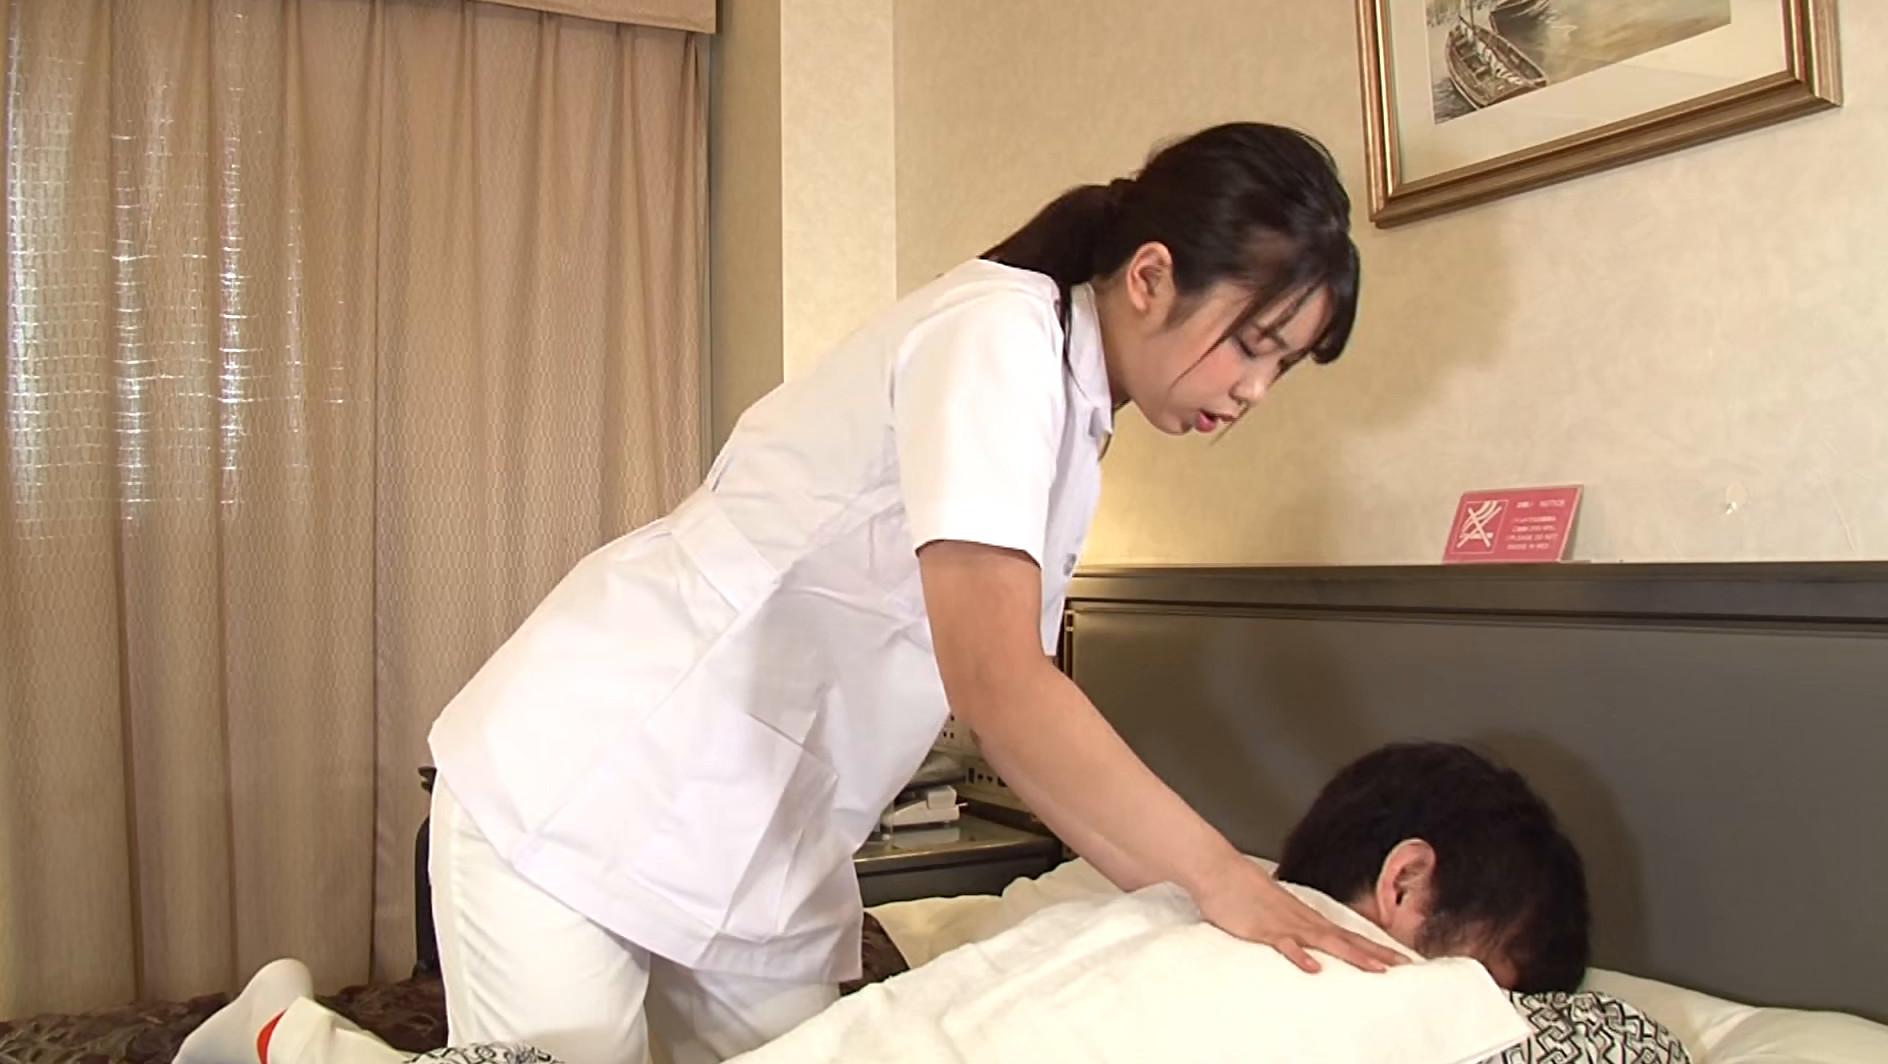 ビジネスホテルの女性マッサージ師は抜いてくれるのか?(11)~肉づきのいい大きめヒップがソソる童顔娘・永野さん